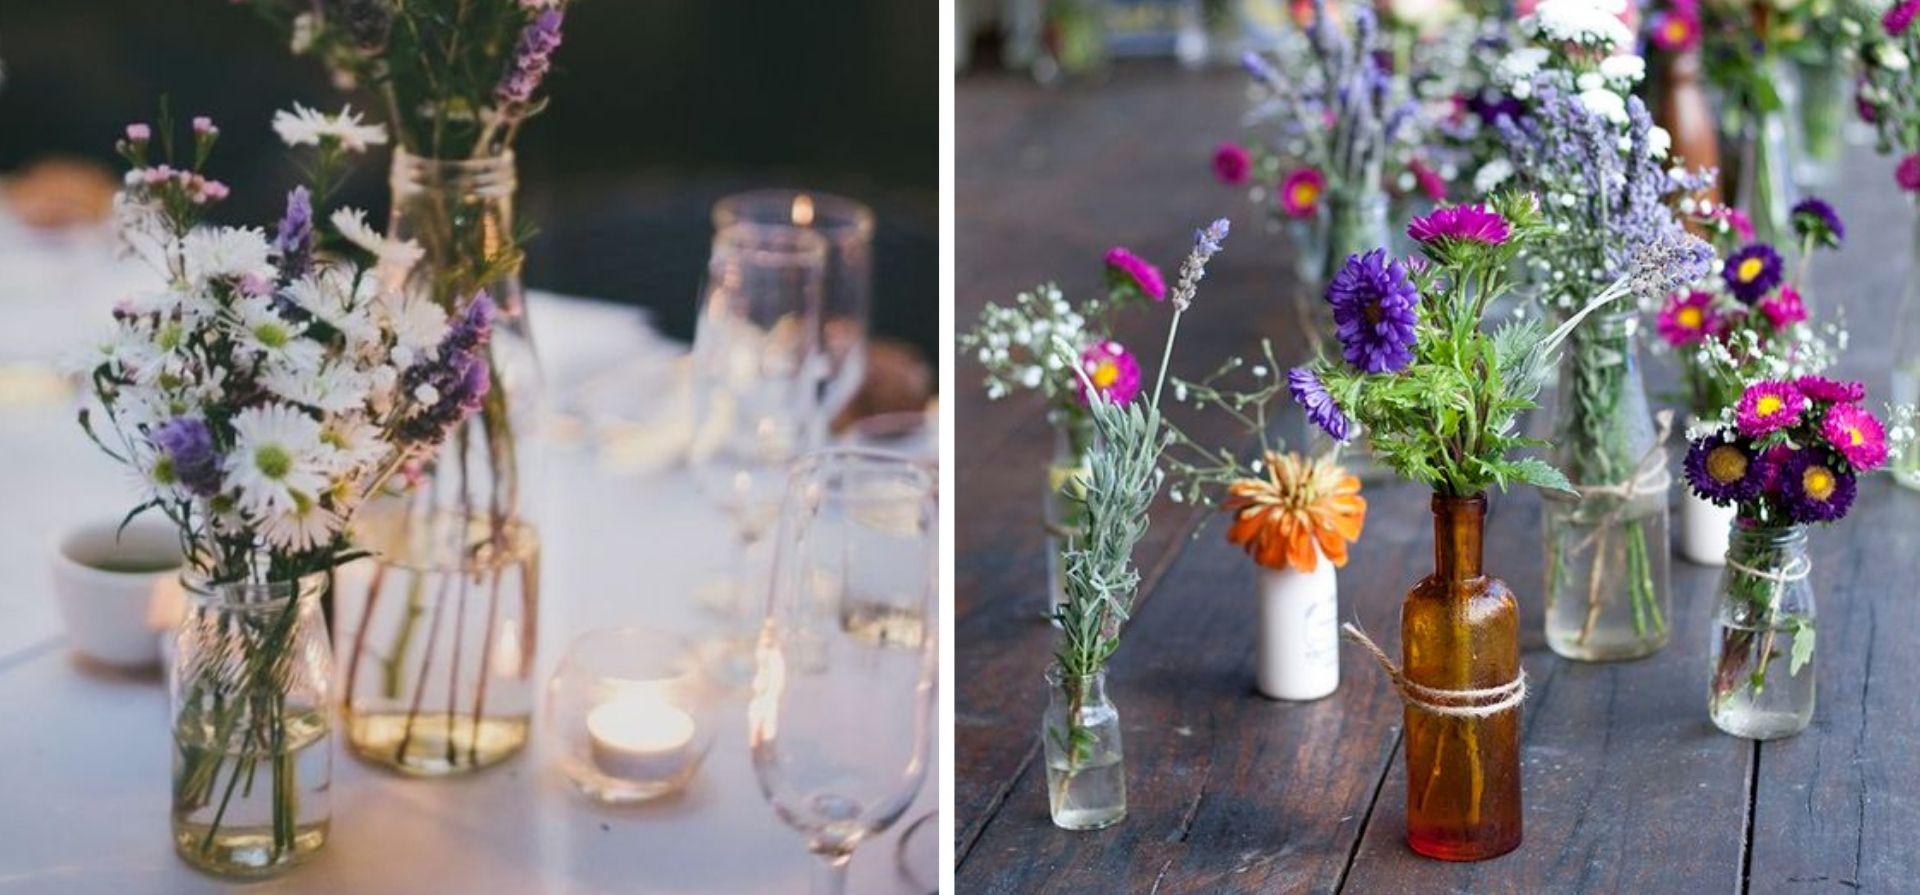 petit contenant verre pour vase decoratif